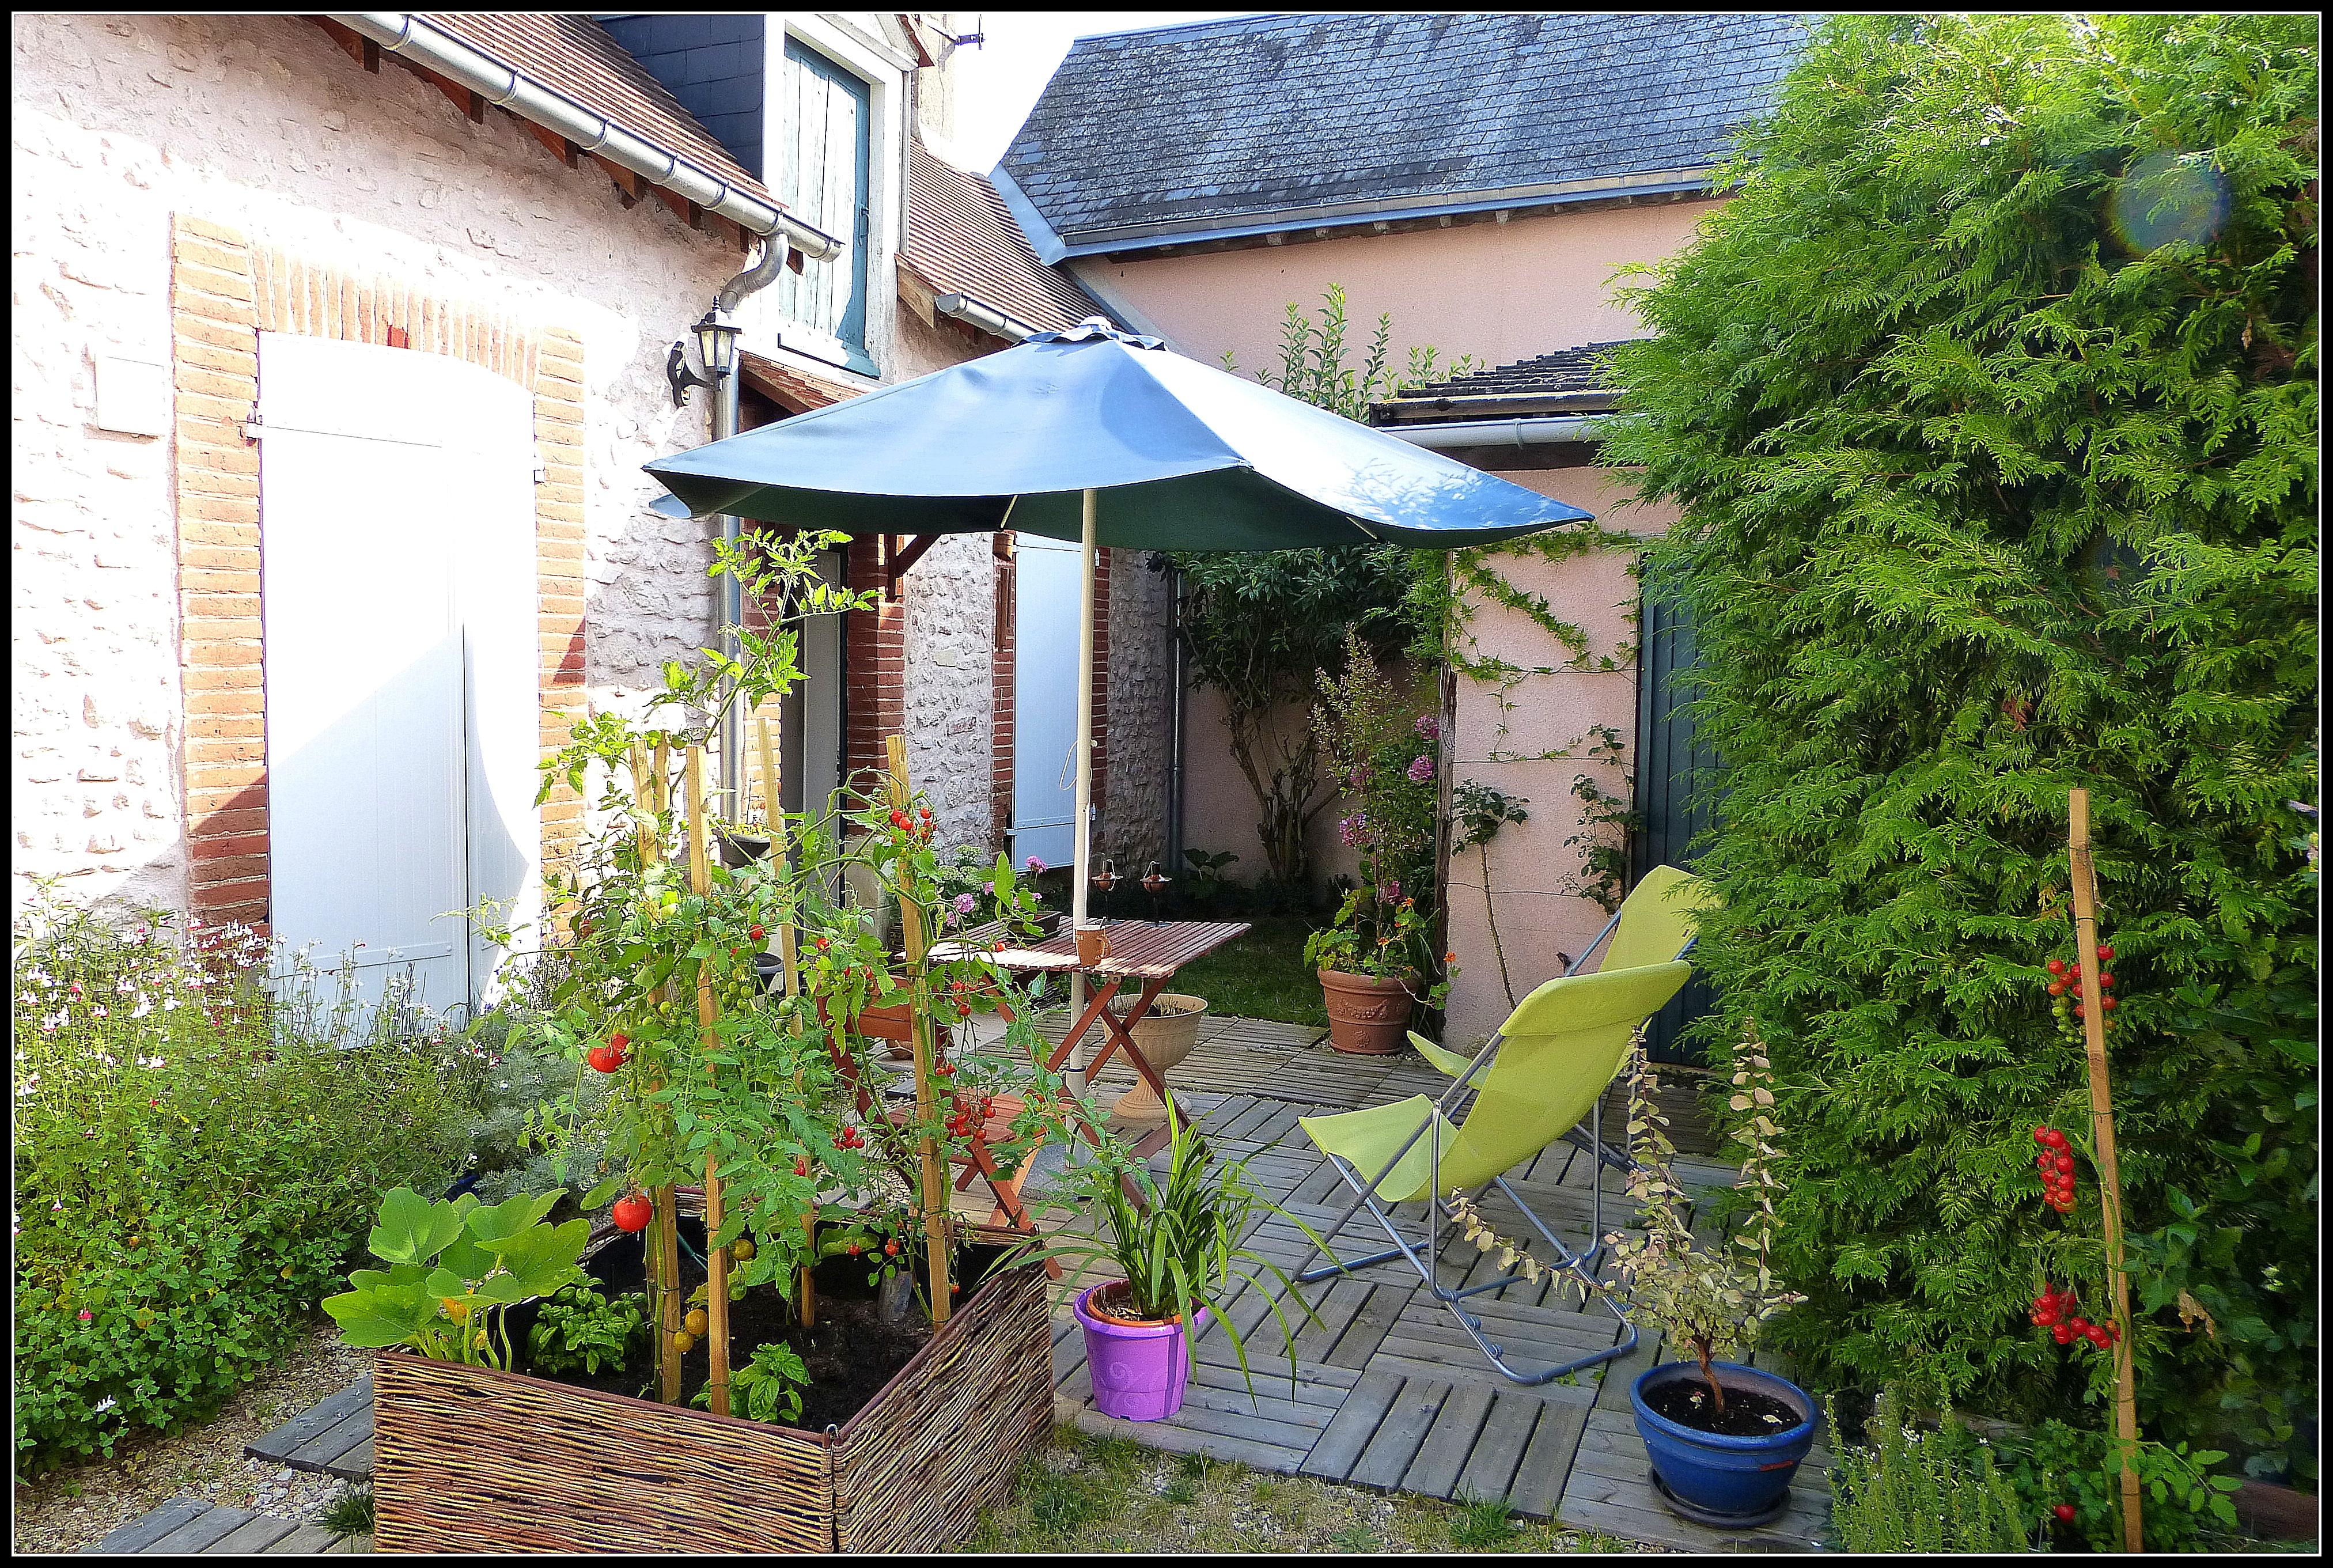 Une pause caf dans un jardin fran ais japanalex for Dans in jardin